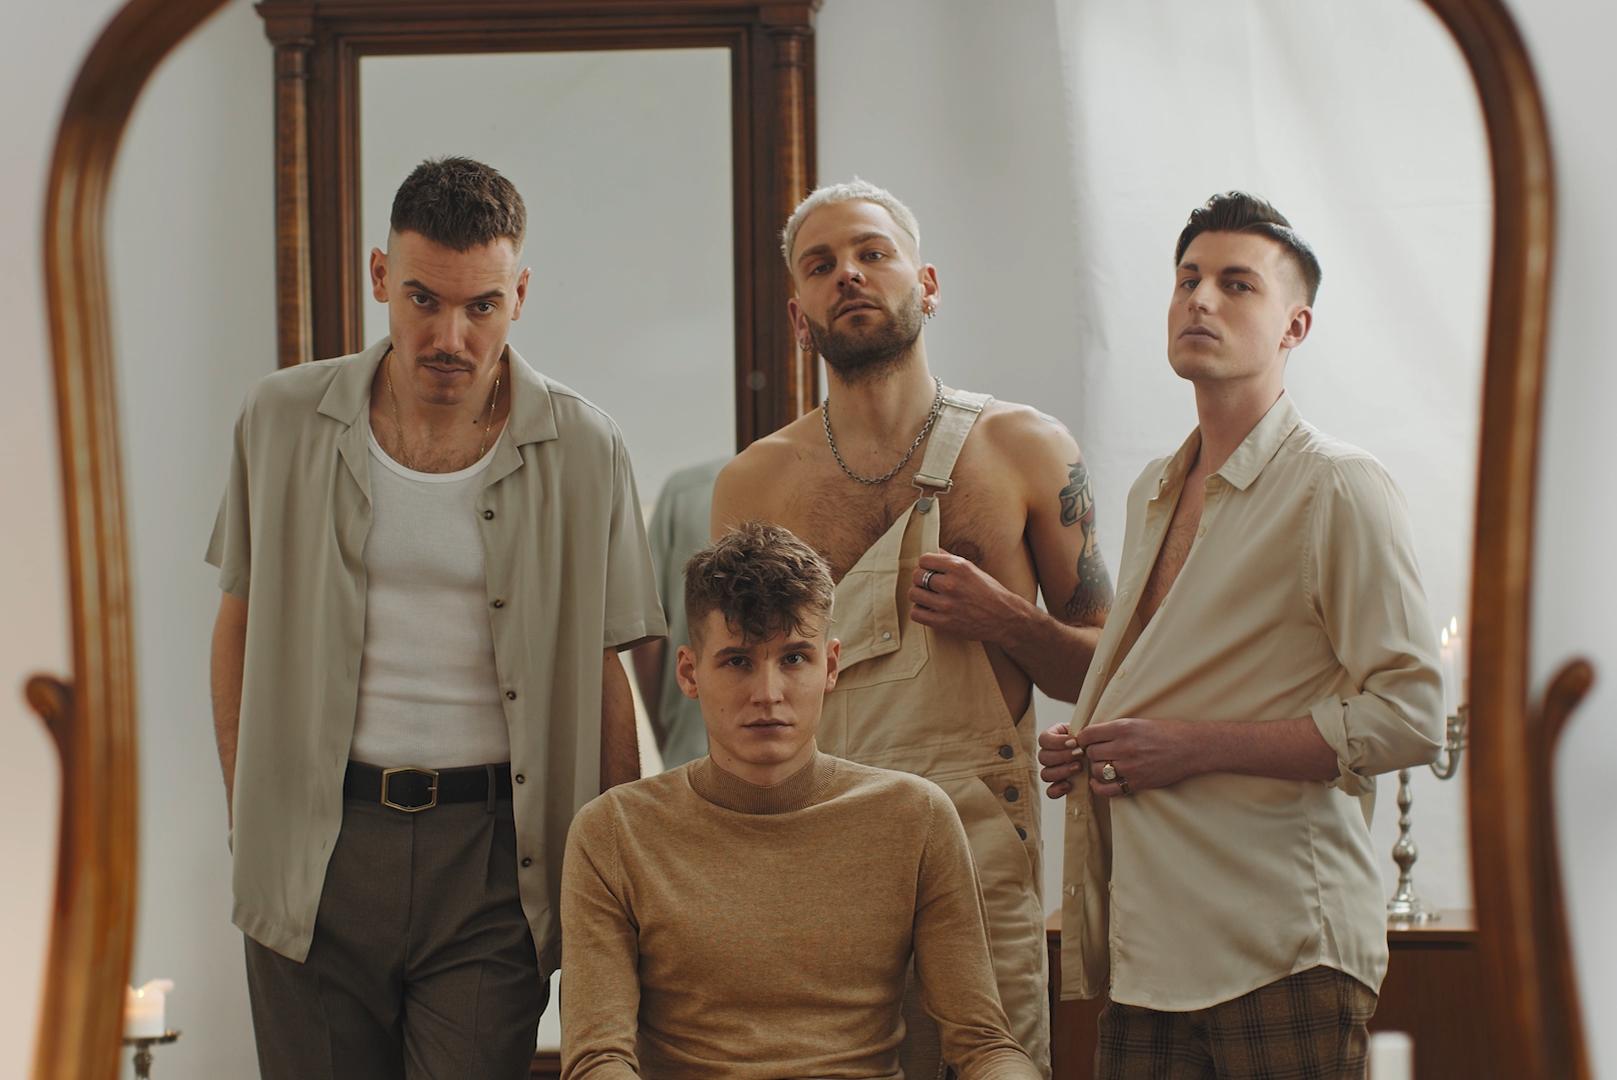 Vier junge Männer stehen zusammen und schauen in die Kamera.